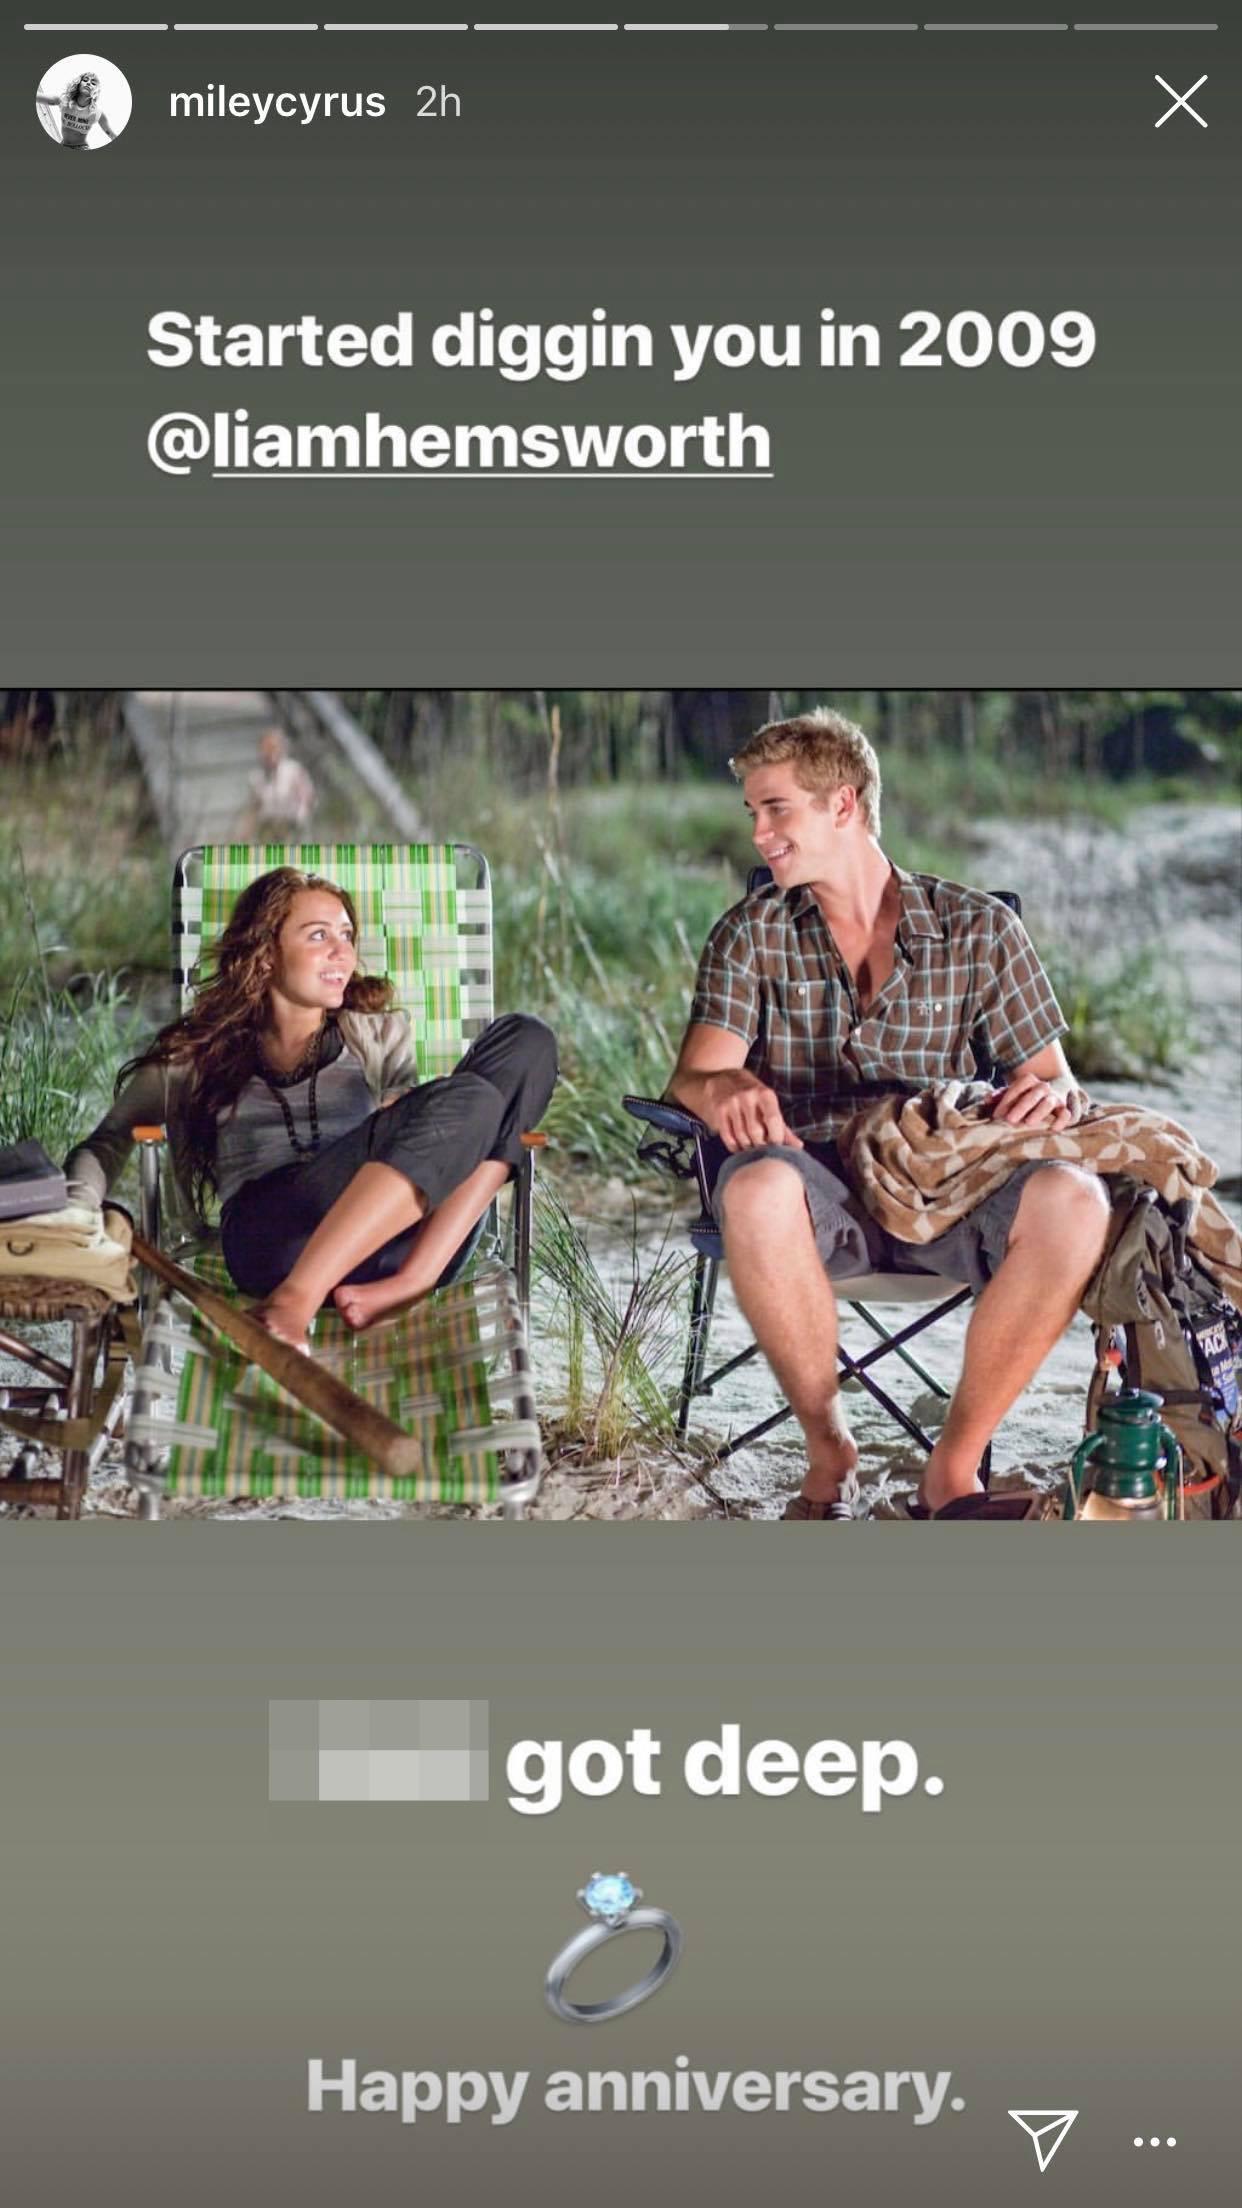 Đang yên đang lành bị đồn chia tay Liam, Miley Cyrus đích thân đá xéo và đáp trả bằng cách khiến ai cũng ghen tị - Ảnh 4.